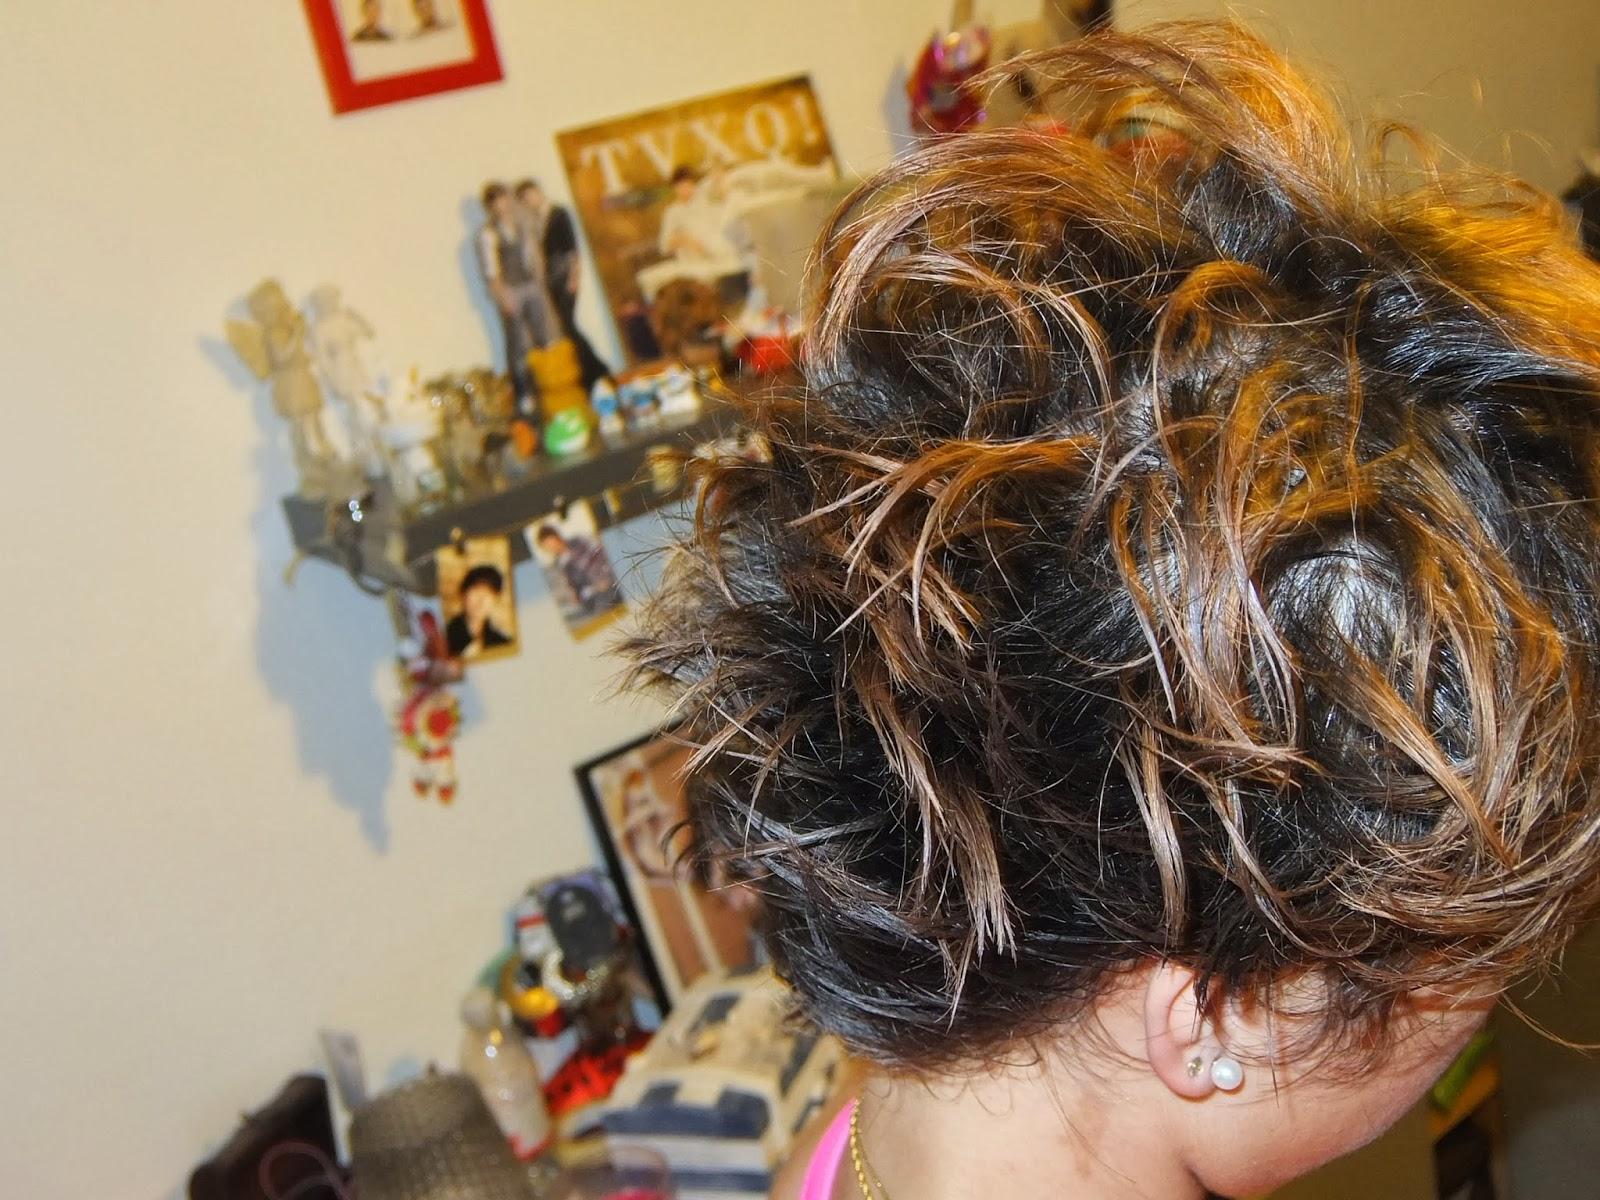 Hair Salon – Book a Hair Style, Haircut & More | Ulta Beauty